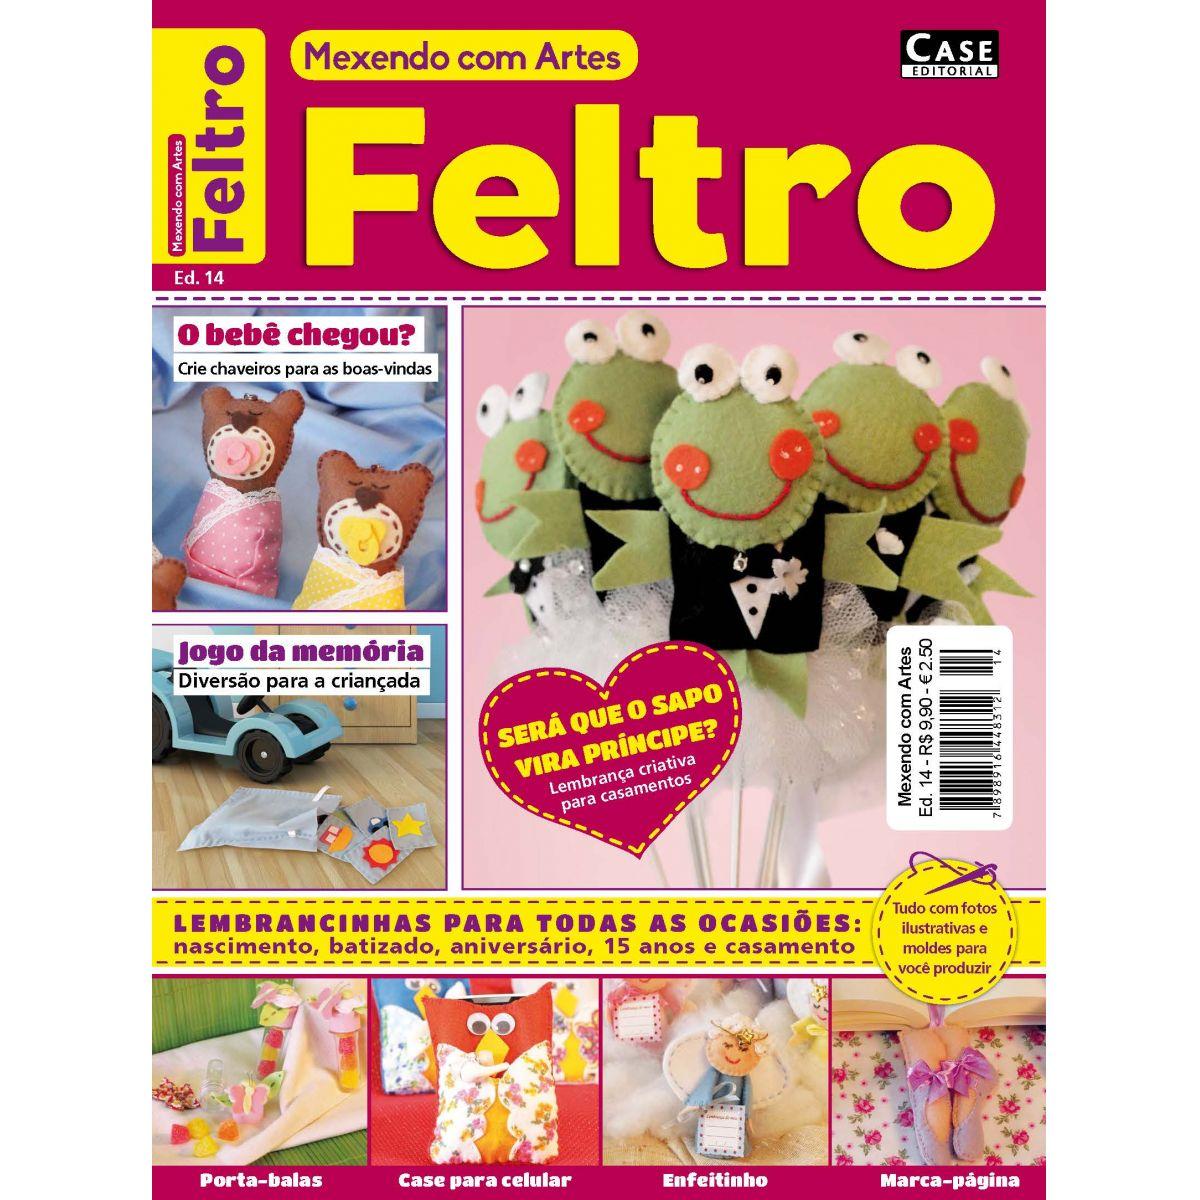 Mexendo com Artes - Edição 14 - VERSÃO PARA DOWNLOAD  - EdiCase Publicações